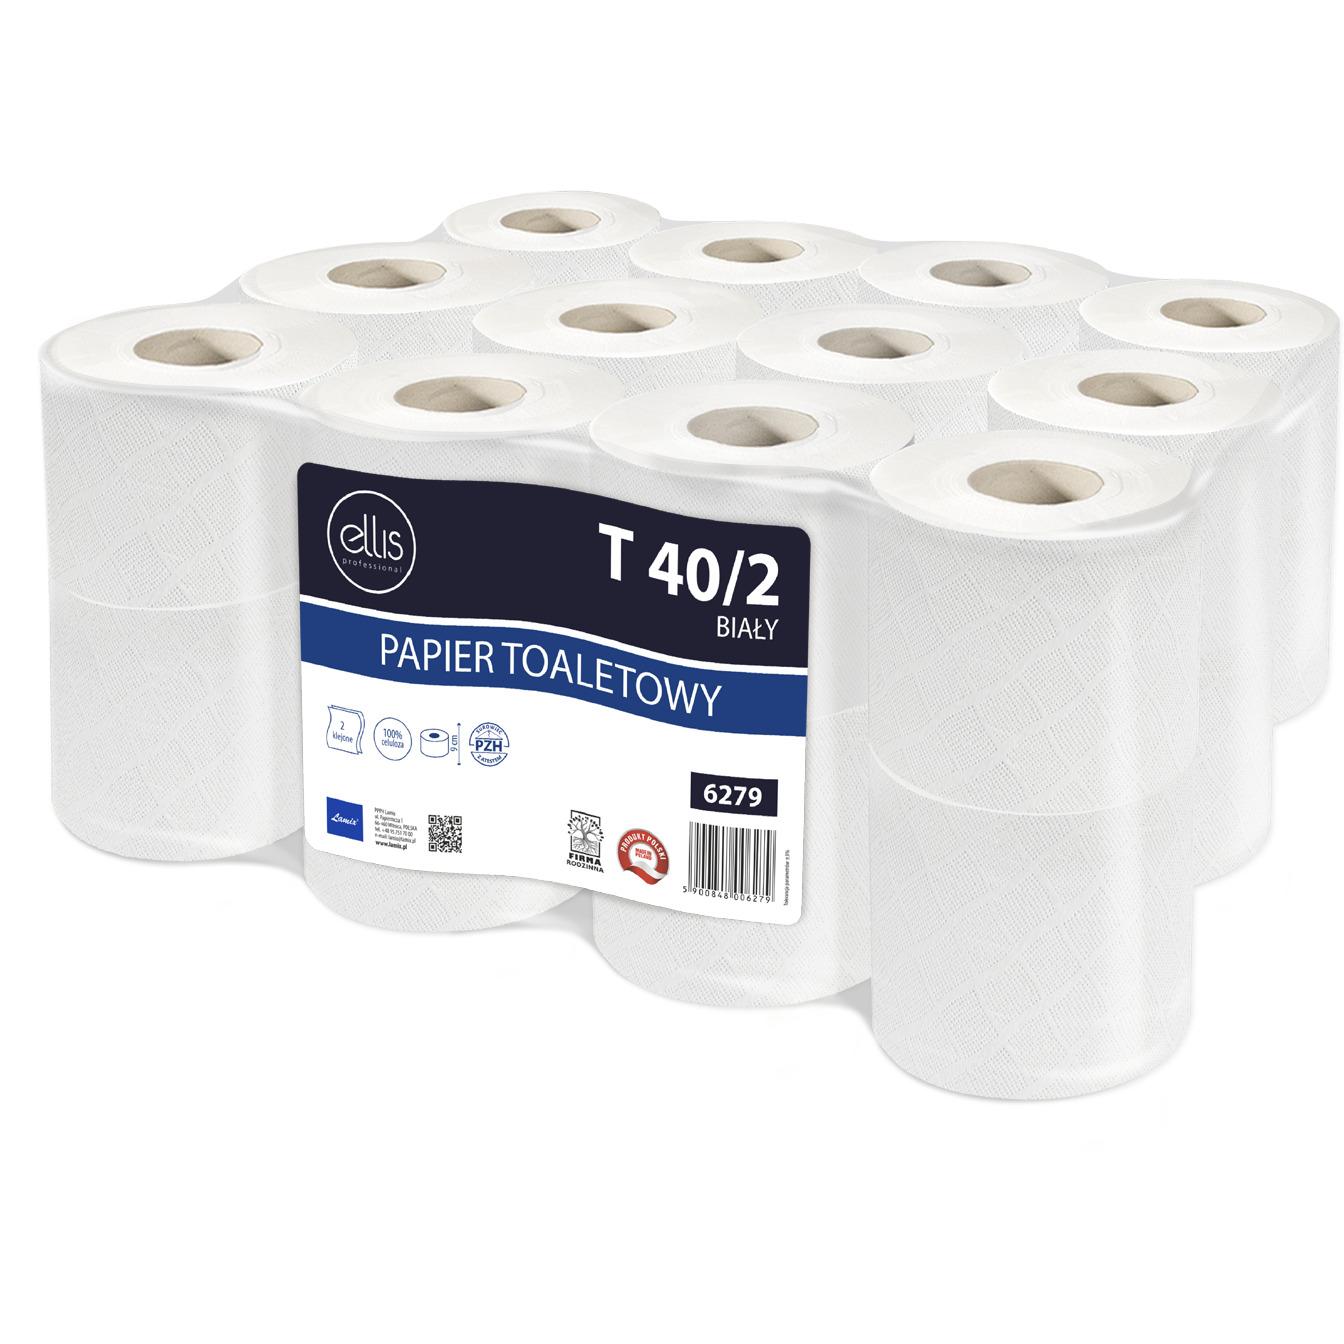 Papier toaletowy biały(24 rolki) 9cm*40m 2 warstwy 100% celuloza T 40/2 6279 ELLIS PROFESSIONAL, pa 0205036